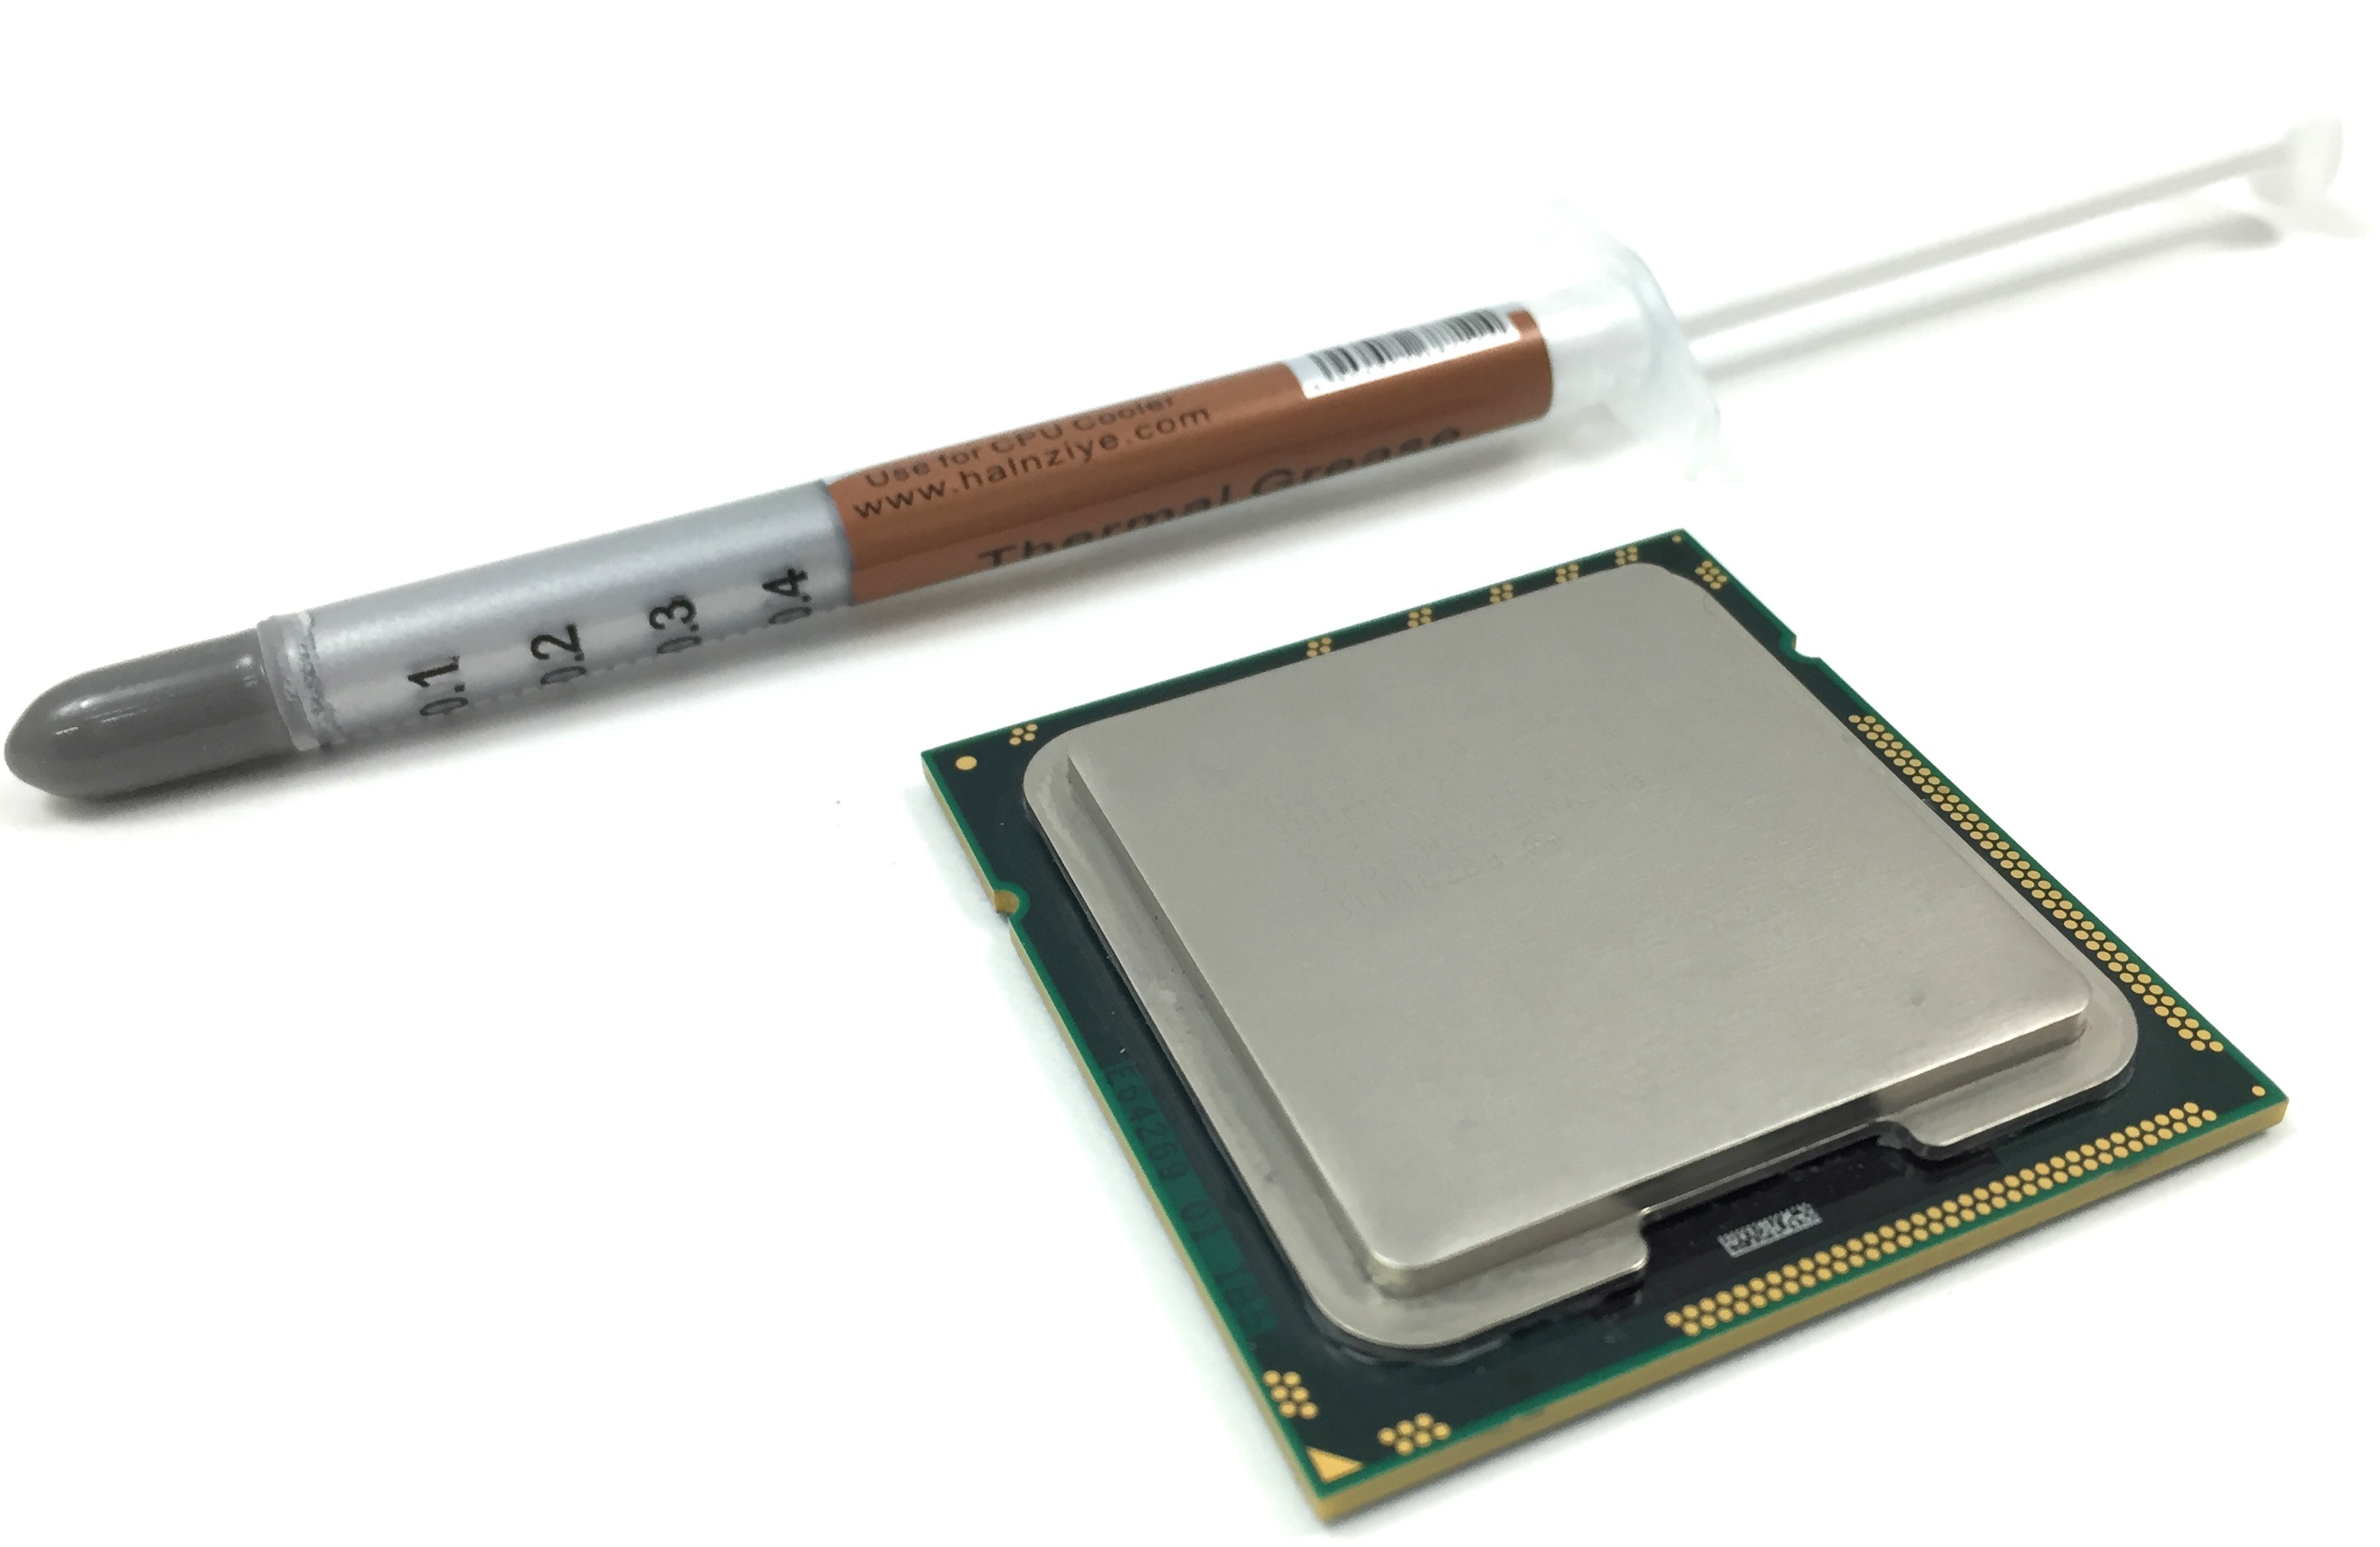 INTEL XEON E5-1630V3 3.7GHZ QUAD CORE 10MB LGA 2011-3 PROCESSOR (SR20L)